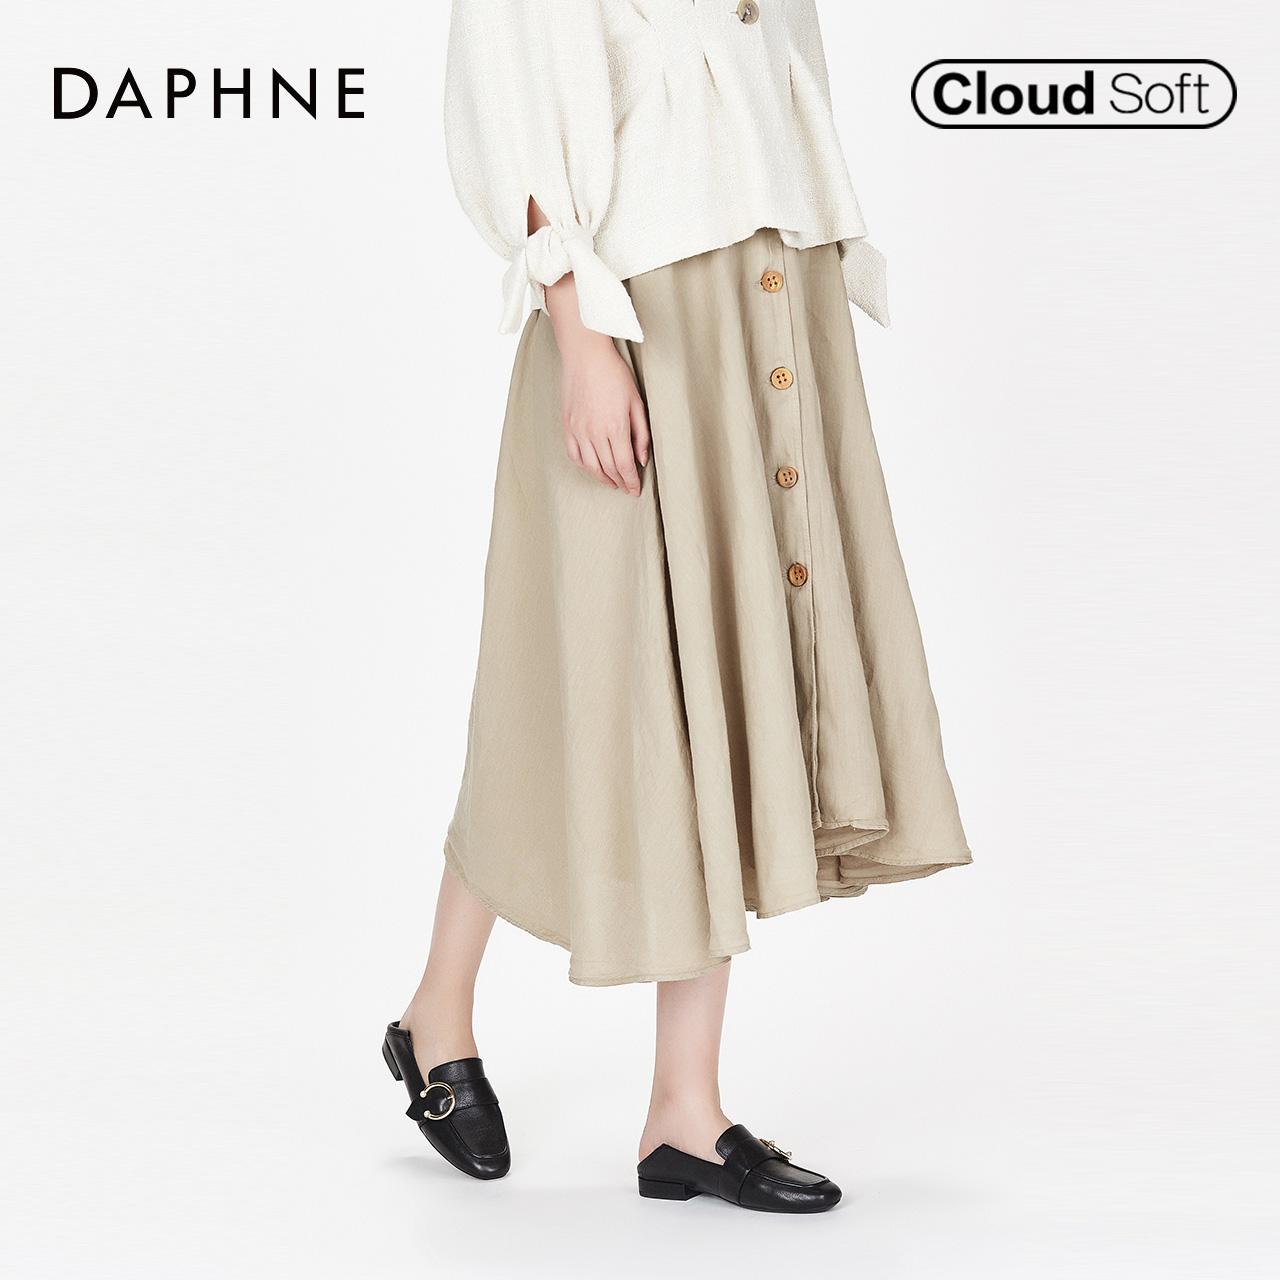 秋新款简约牛皮纯色乐福鞋时尚金属圆扣单鞋女 2018 达芙妮 Daphne